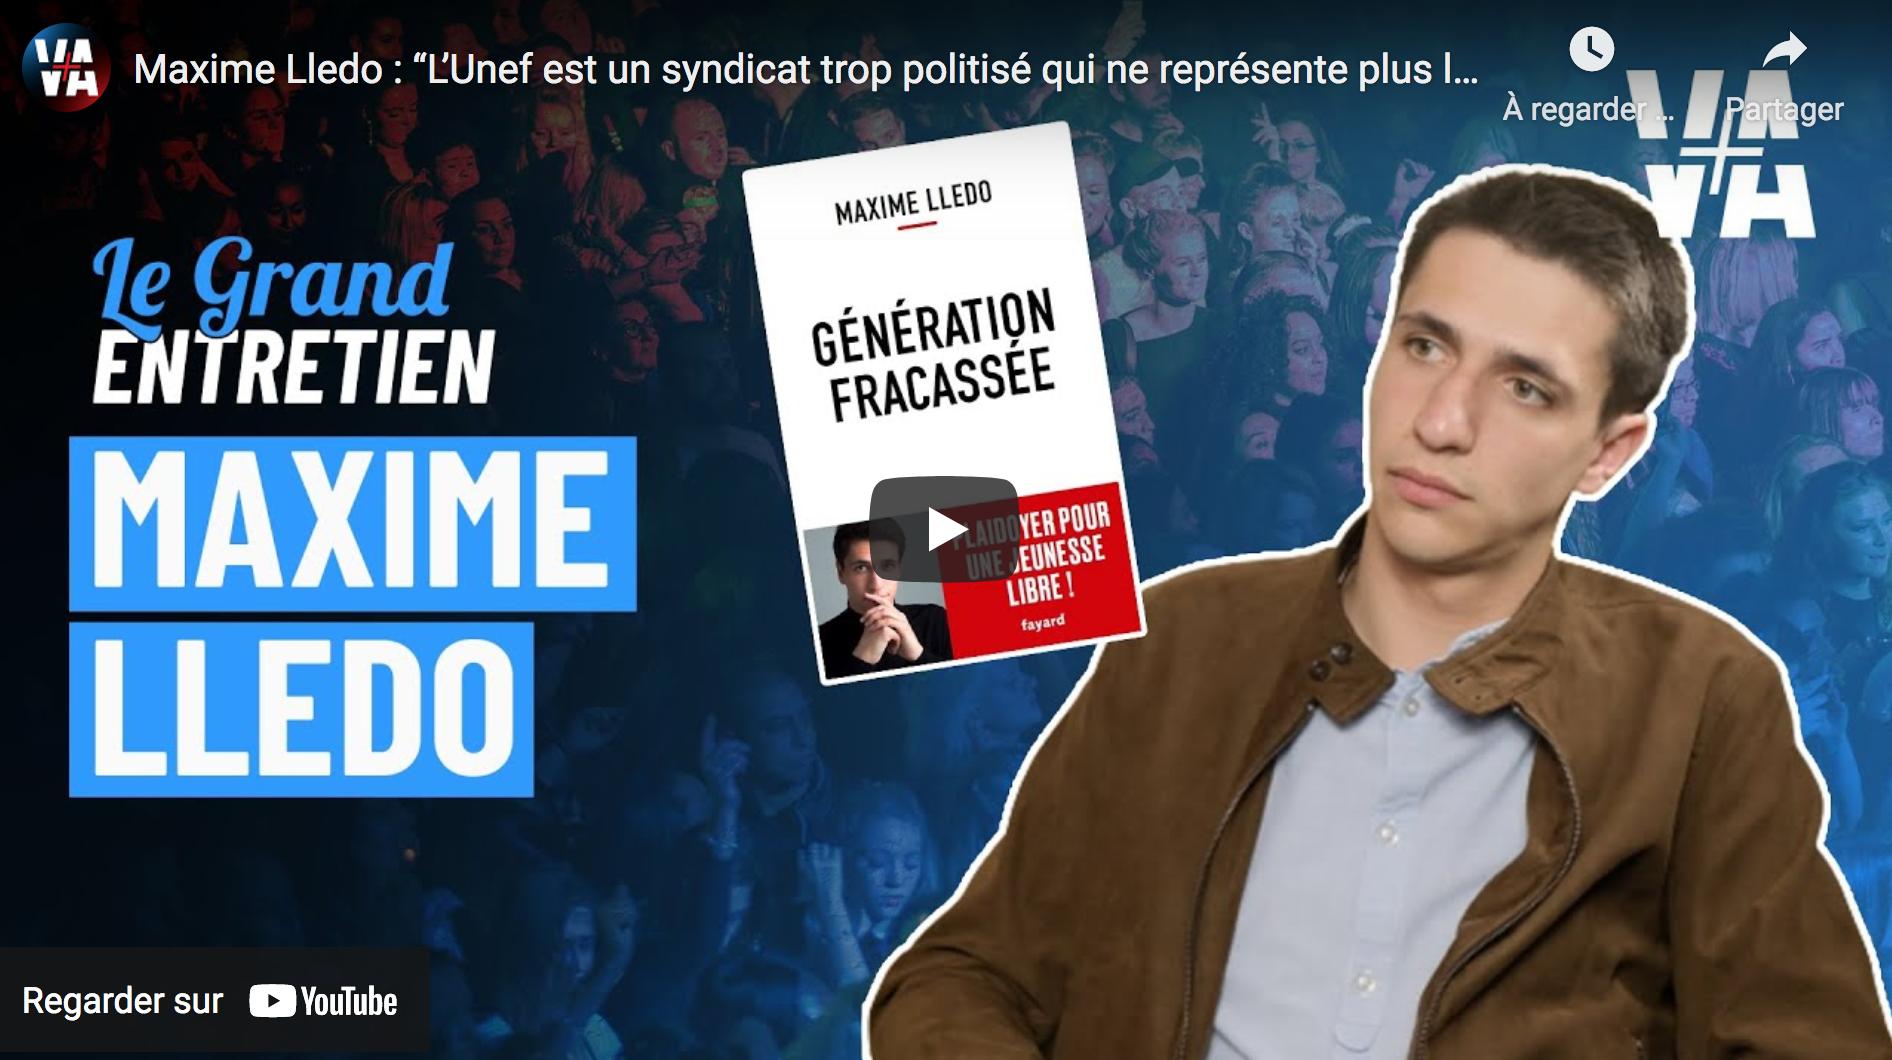 """Maxime Lledo : """"L'Unef est un syndicat trop politisé qui ne représente plus la jeunesse"""" (VIDÉO)"""